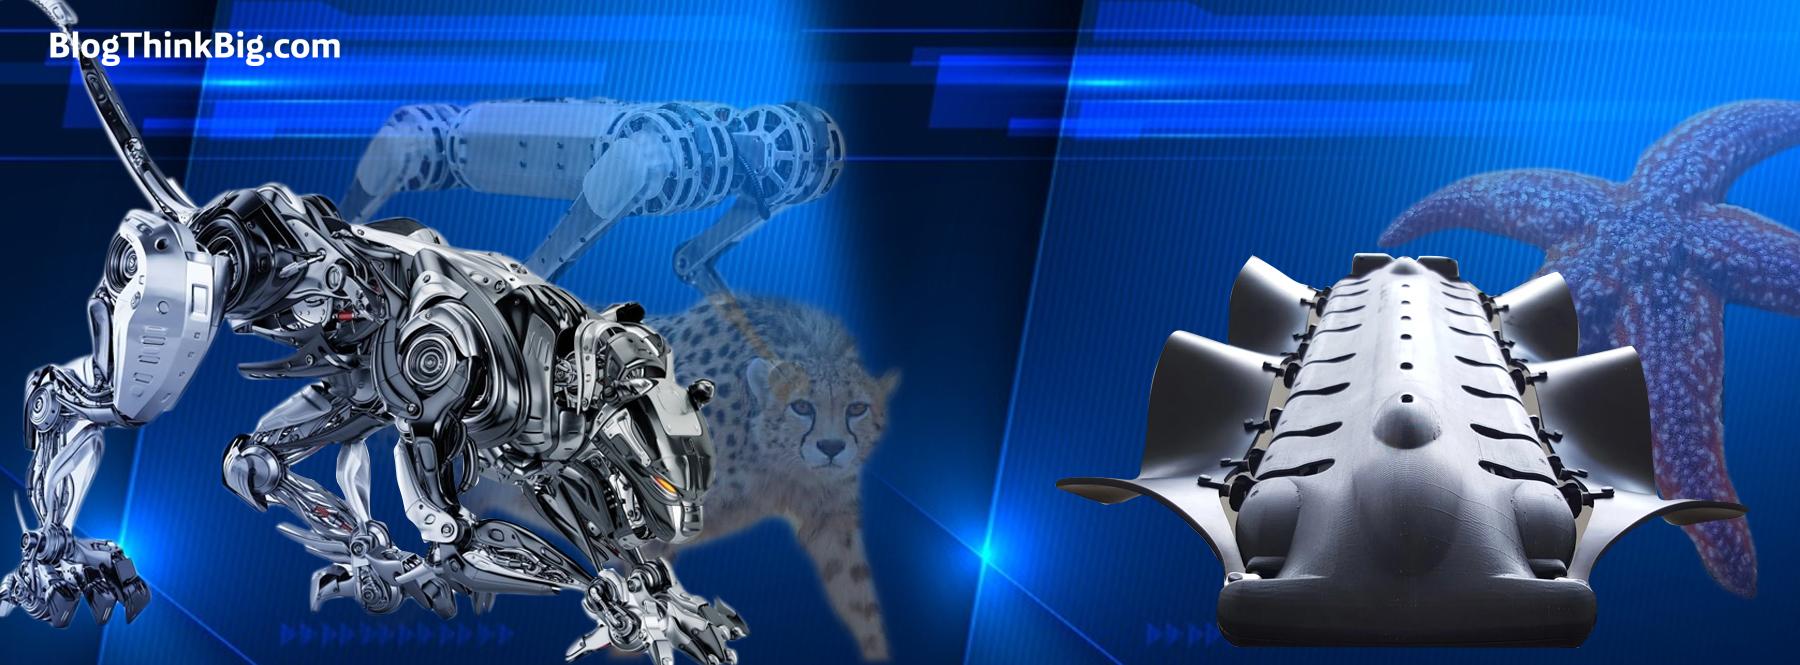 ¿Qué tienen en común los robots, los guepardos y las estrellas de mar?